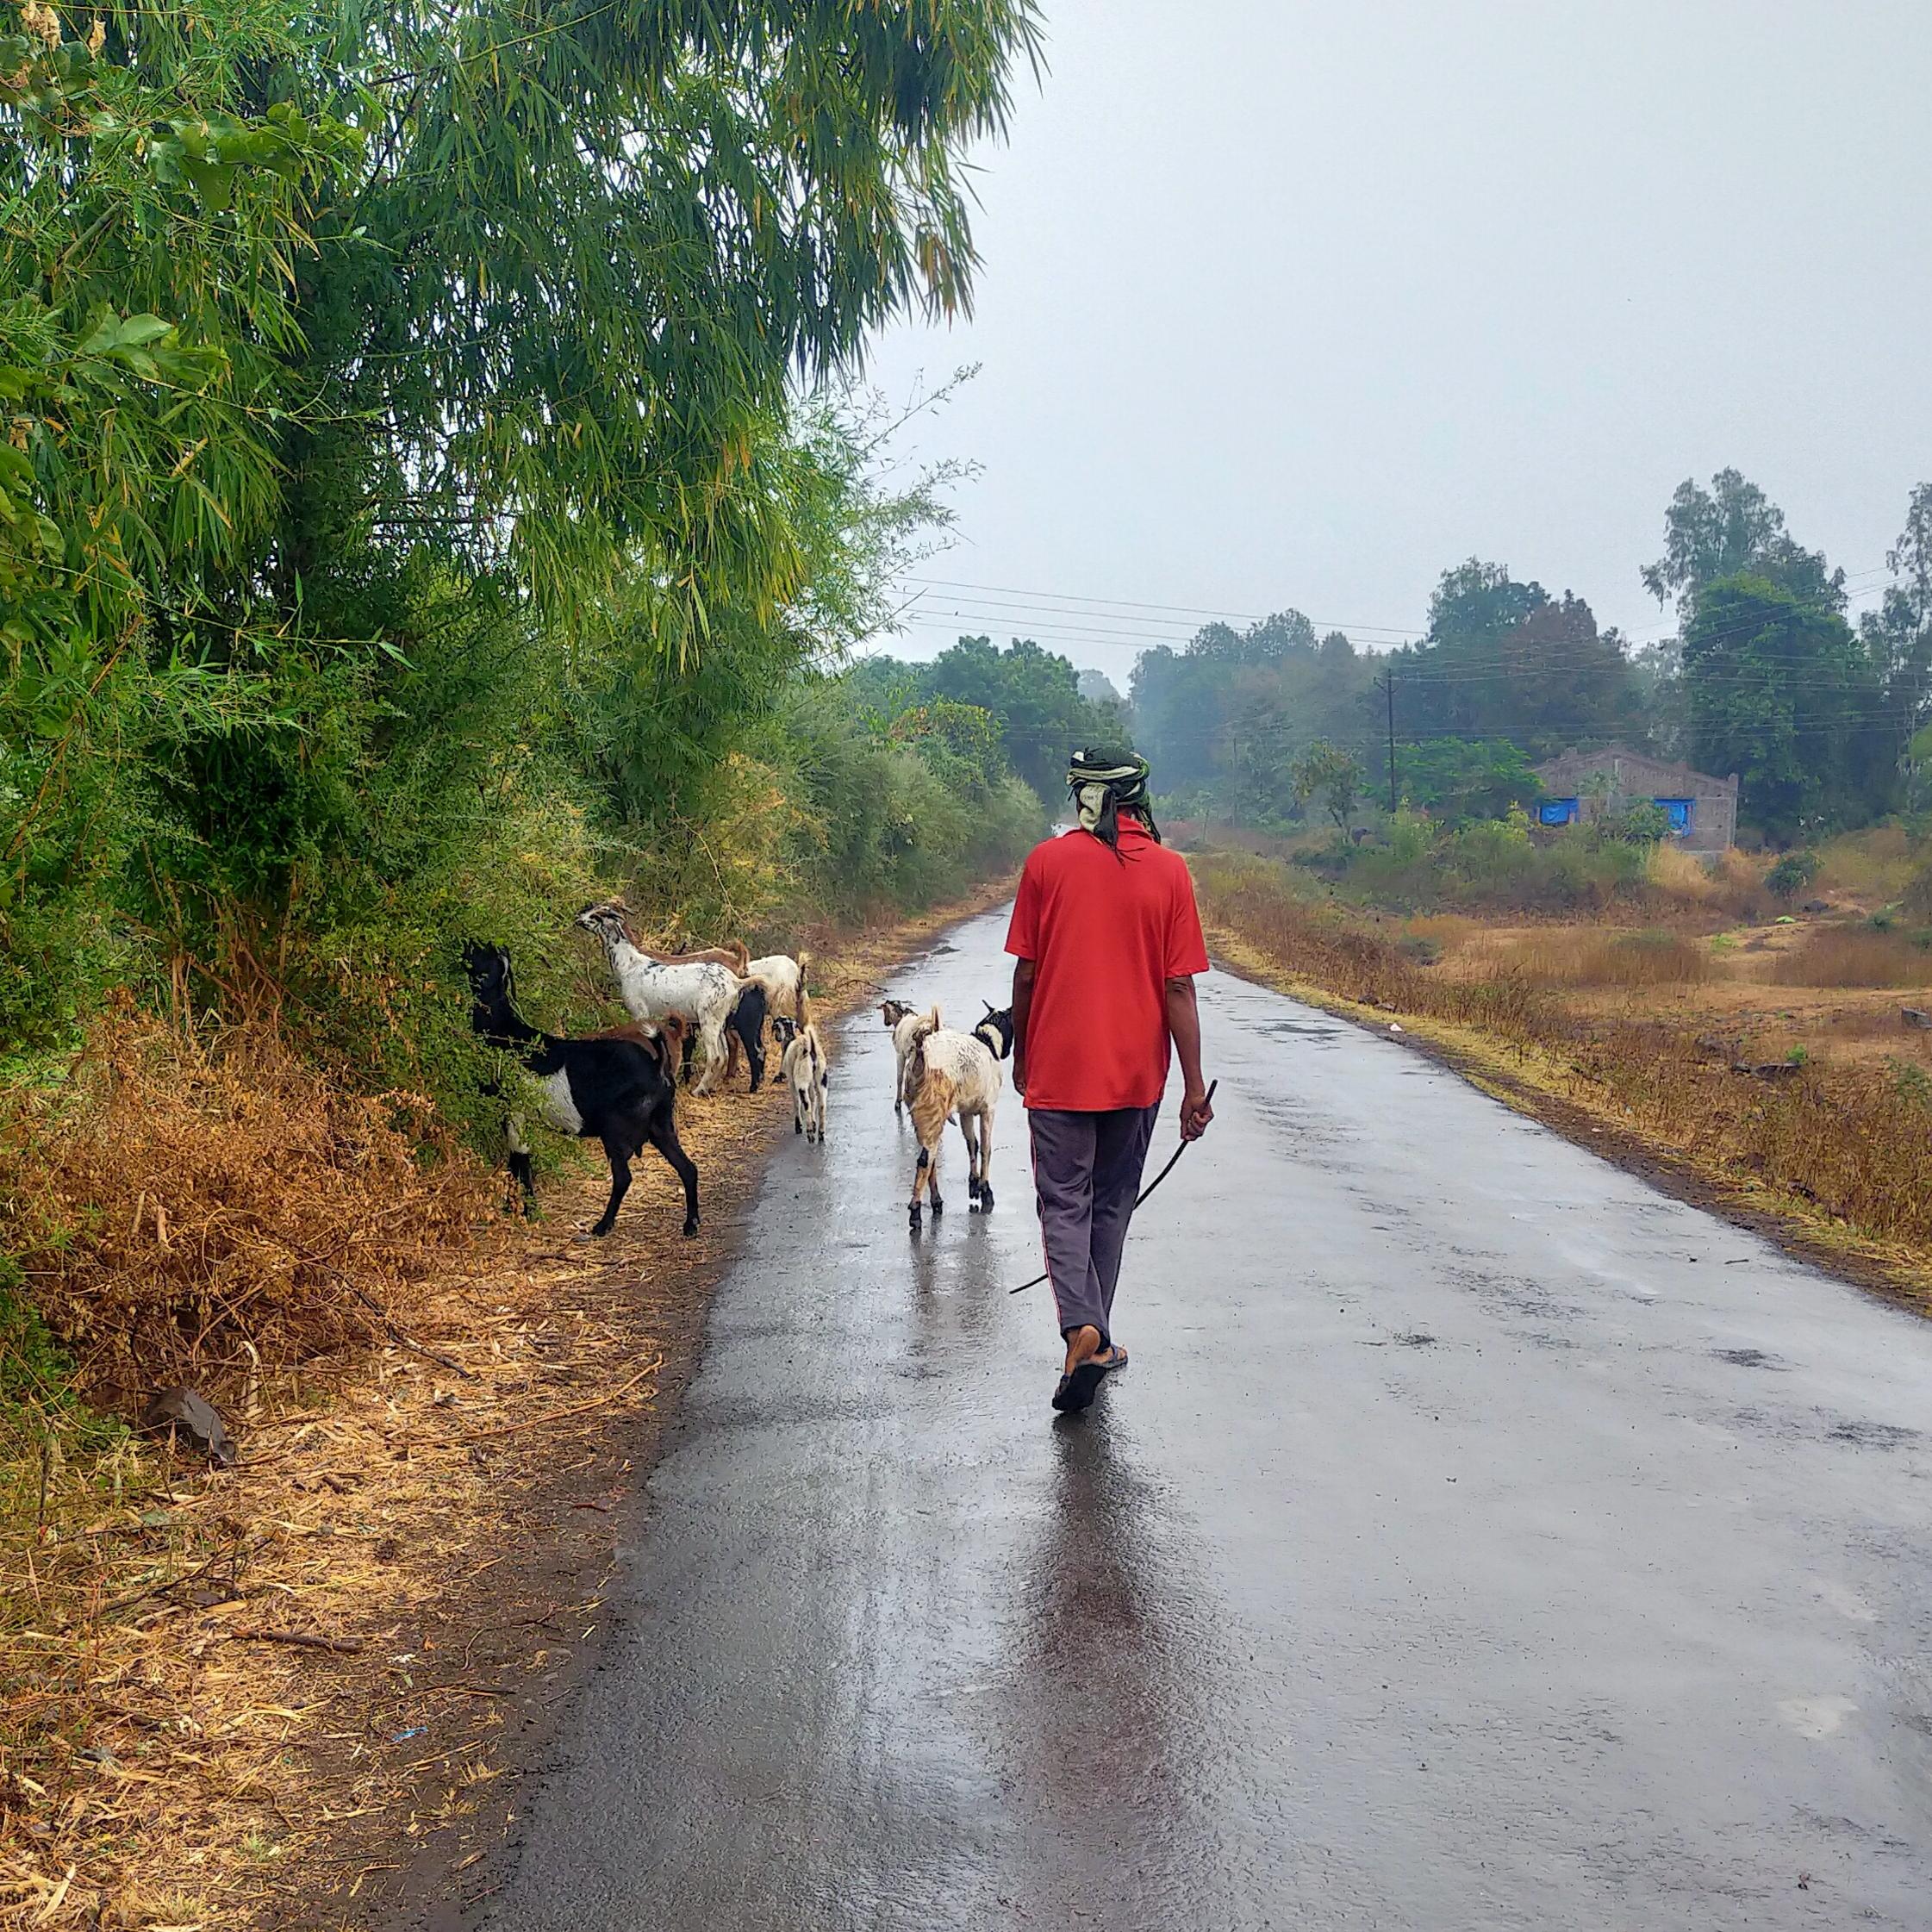 shepherd with goats